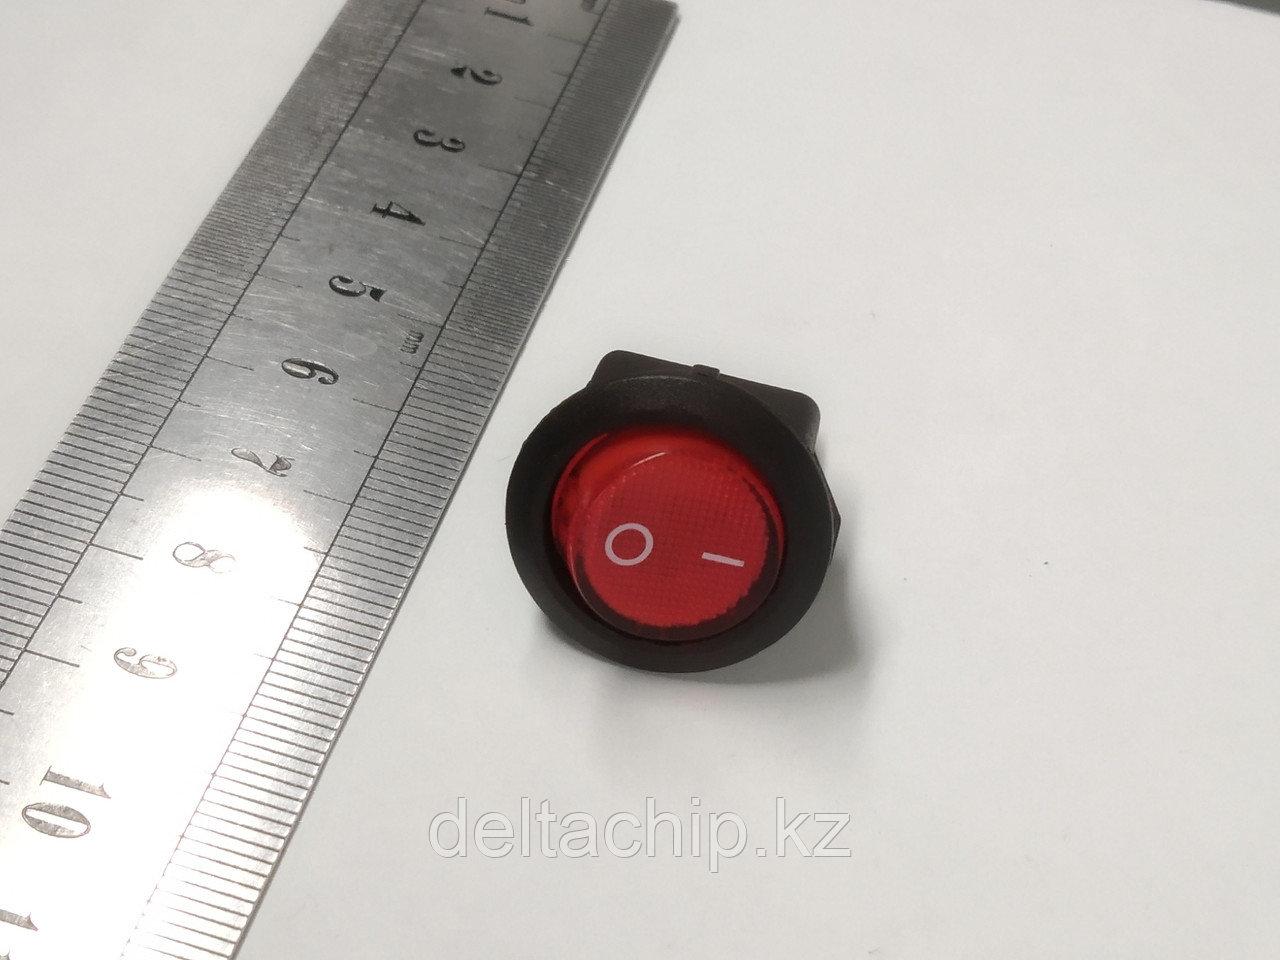 Выключатель 36-2570  клавишный  круглый 250V 6A